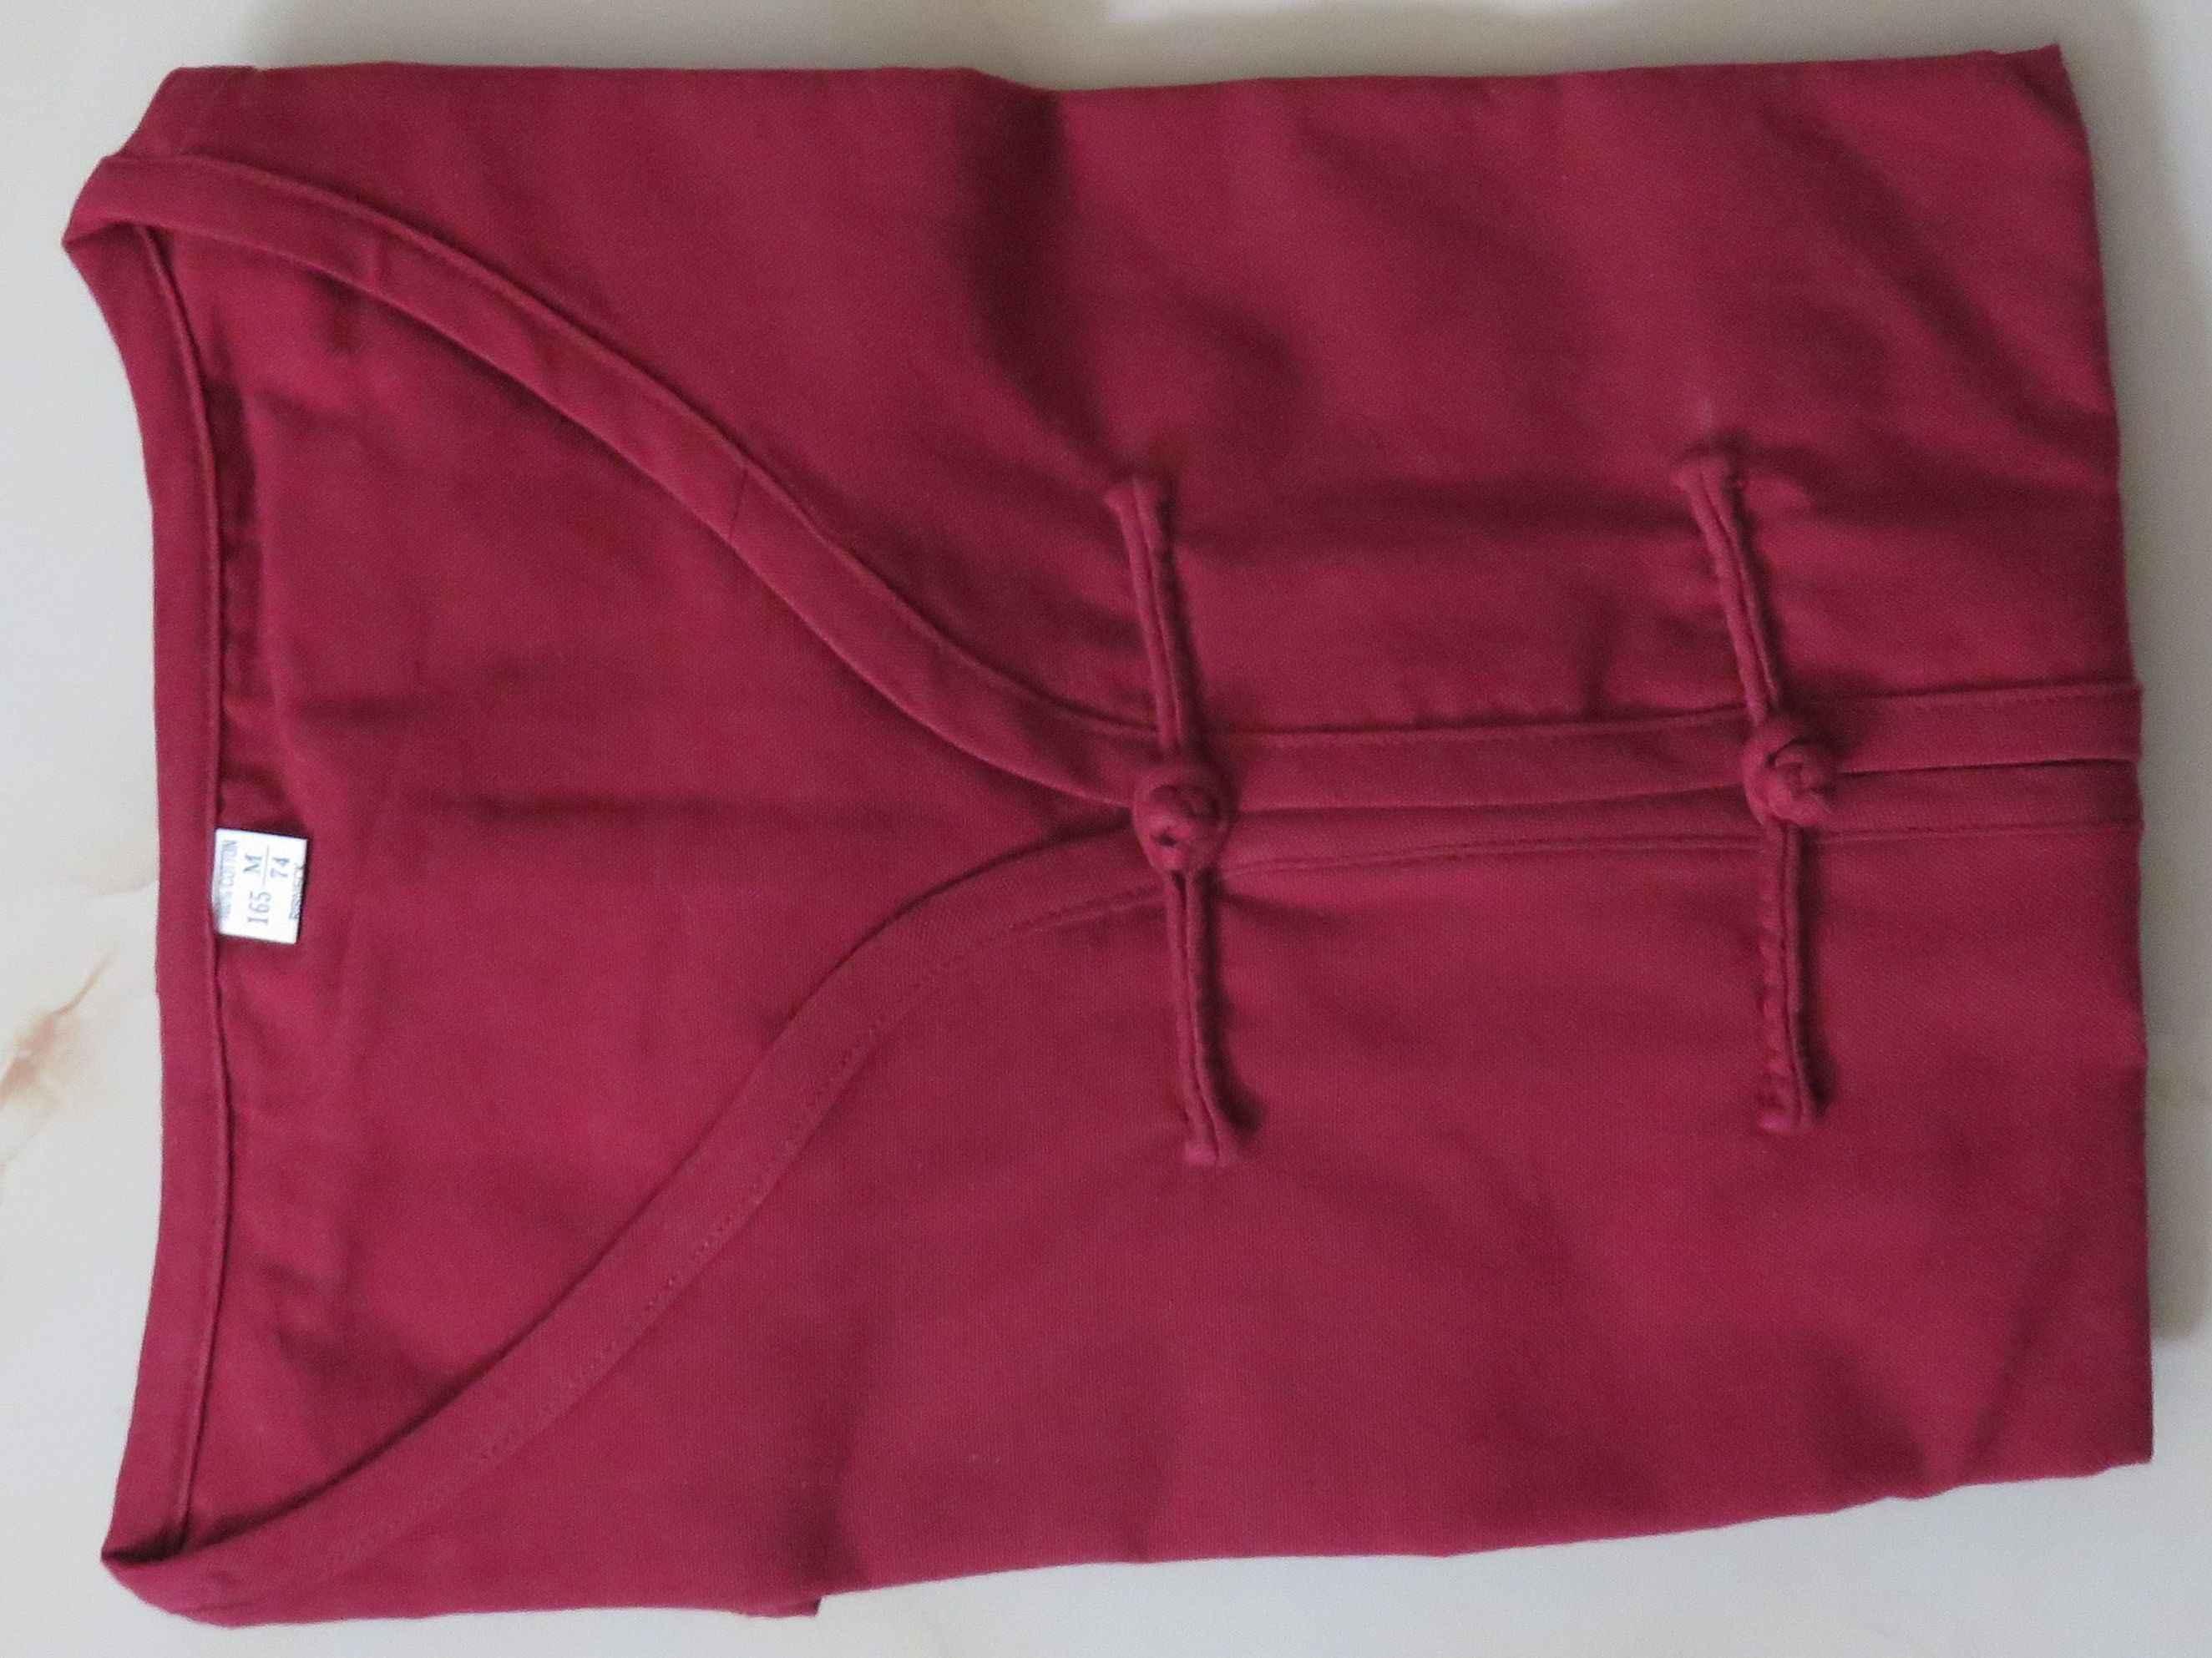 7 색 고품질의 전통 면화 거친 재킷 여름 셔츠 남성 shaolin 승려 조끼 쿵푸 무술 정장